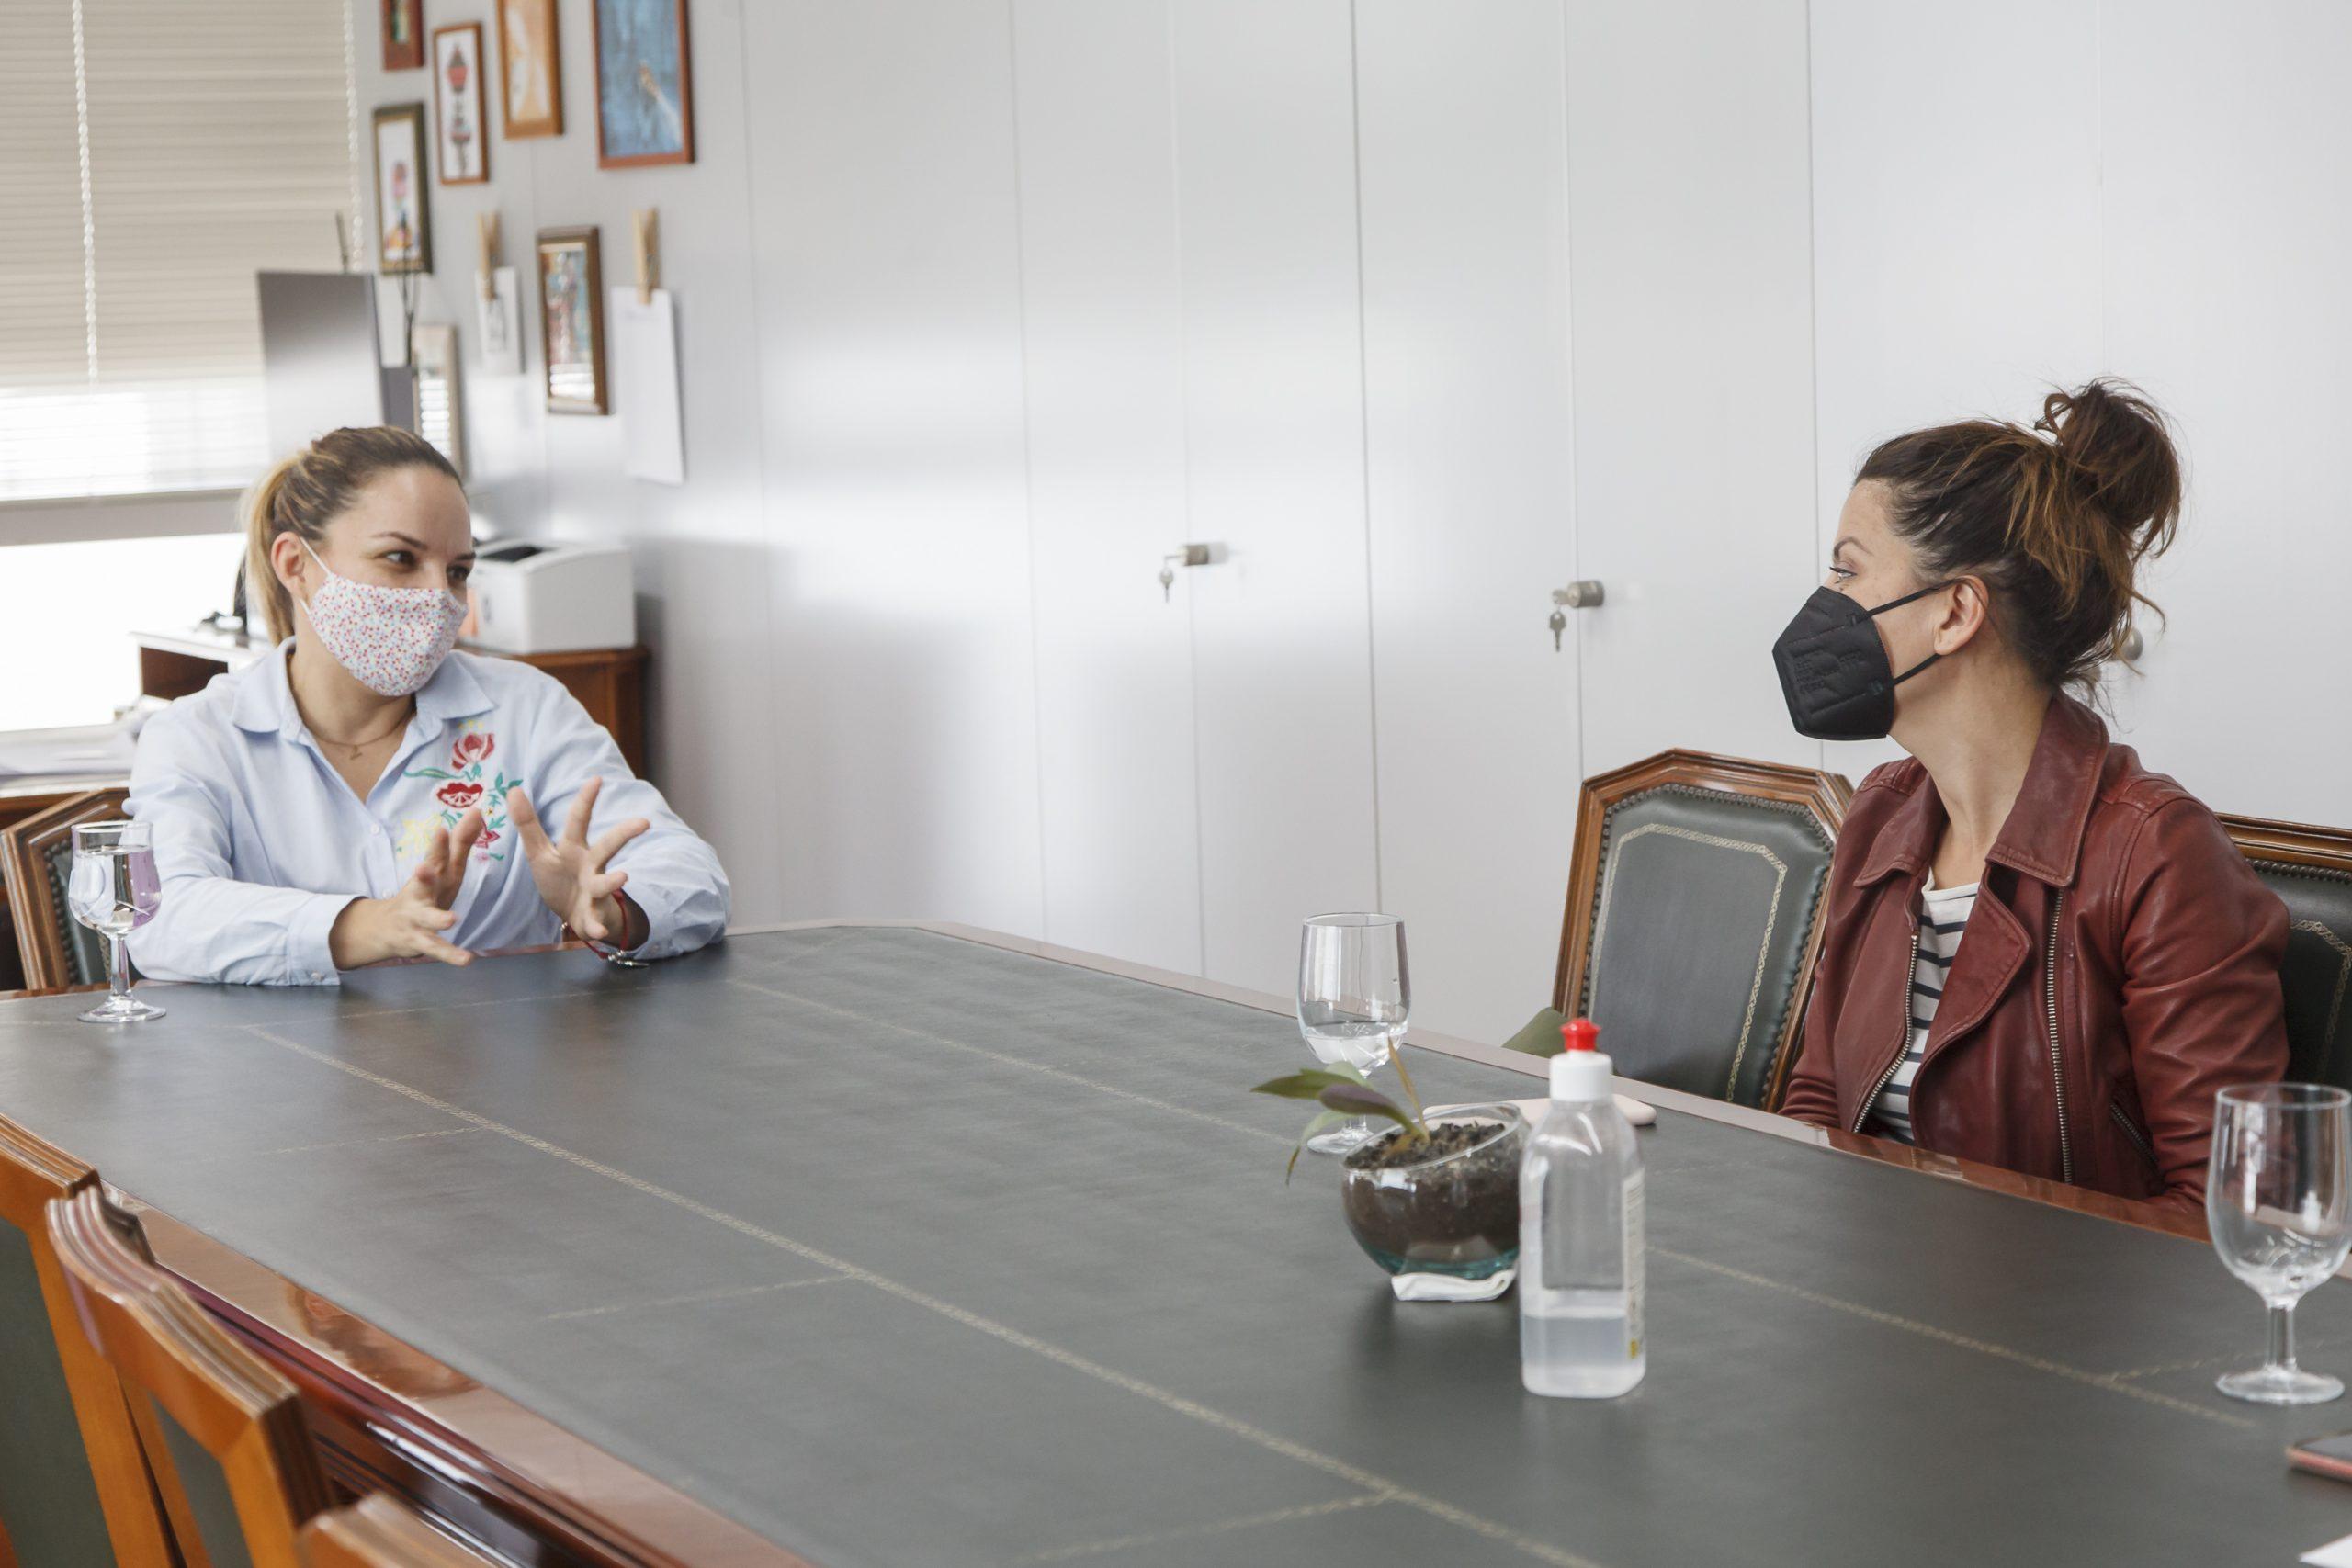 Derechos Sociales acuerda el traslado de 40 menores inmigrantes no acompañados a Cataluña